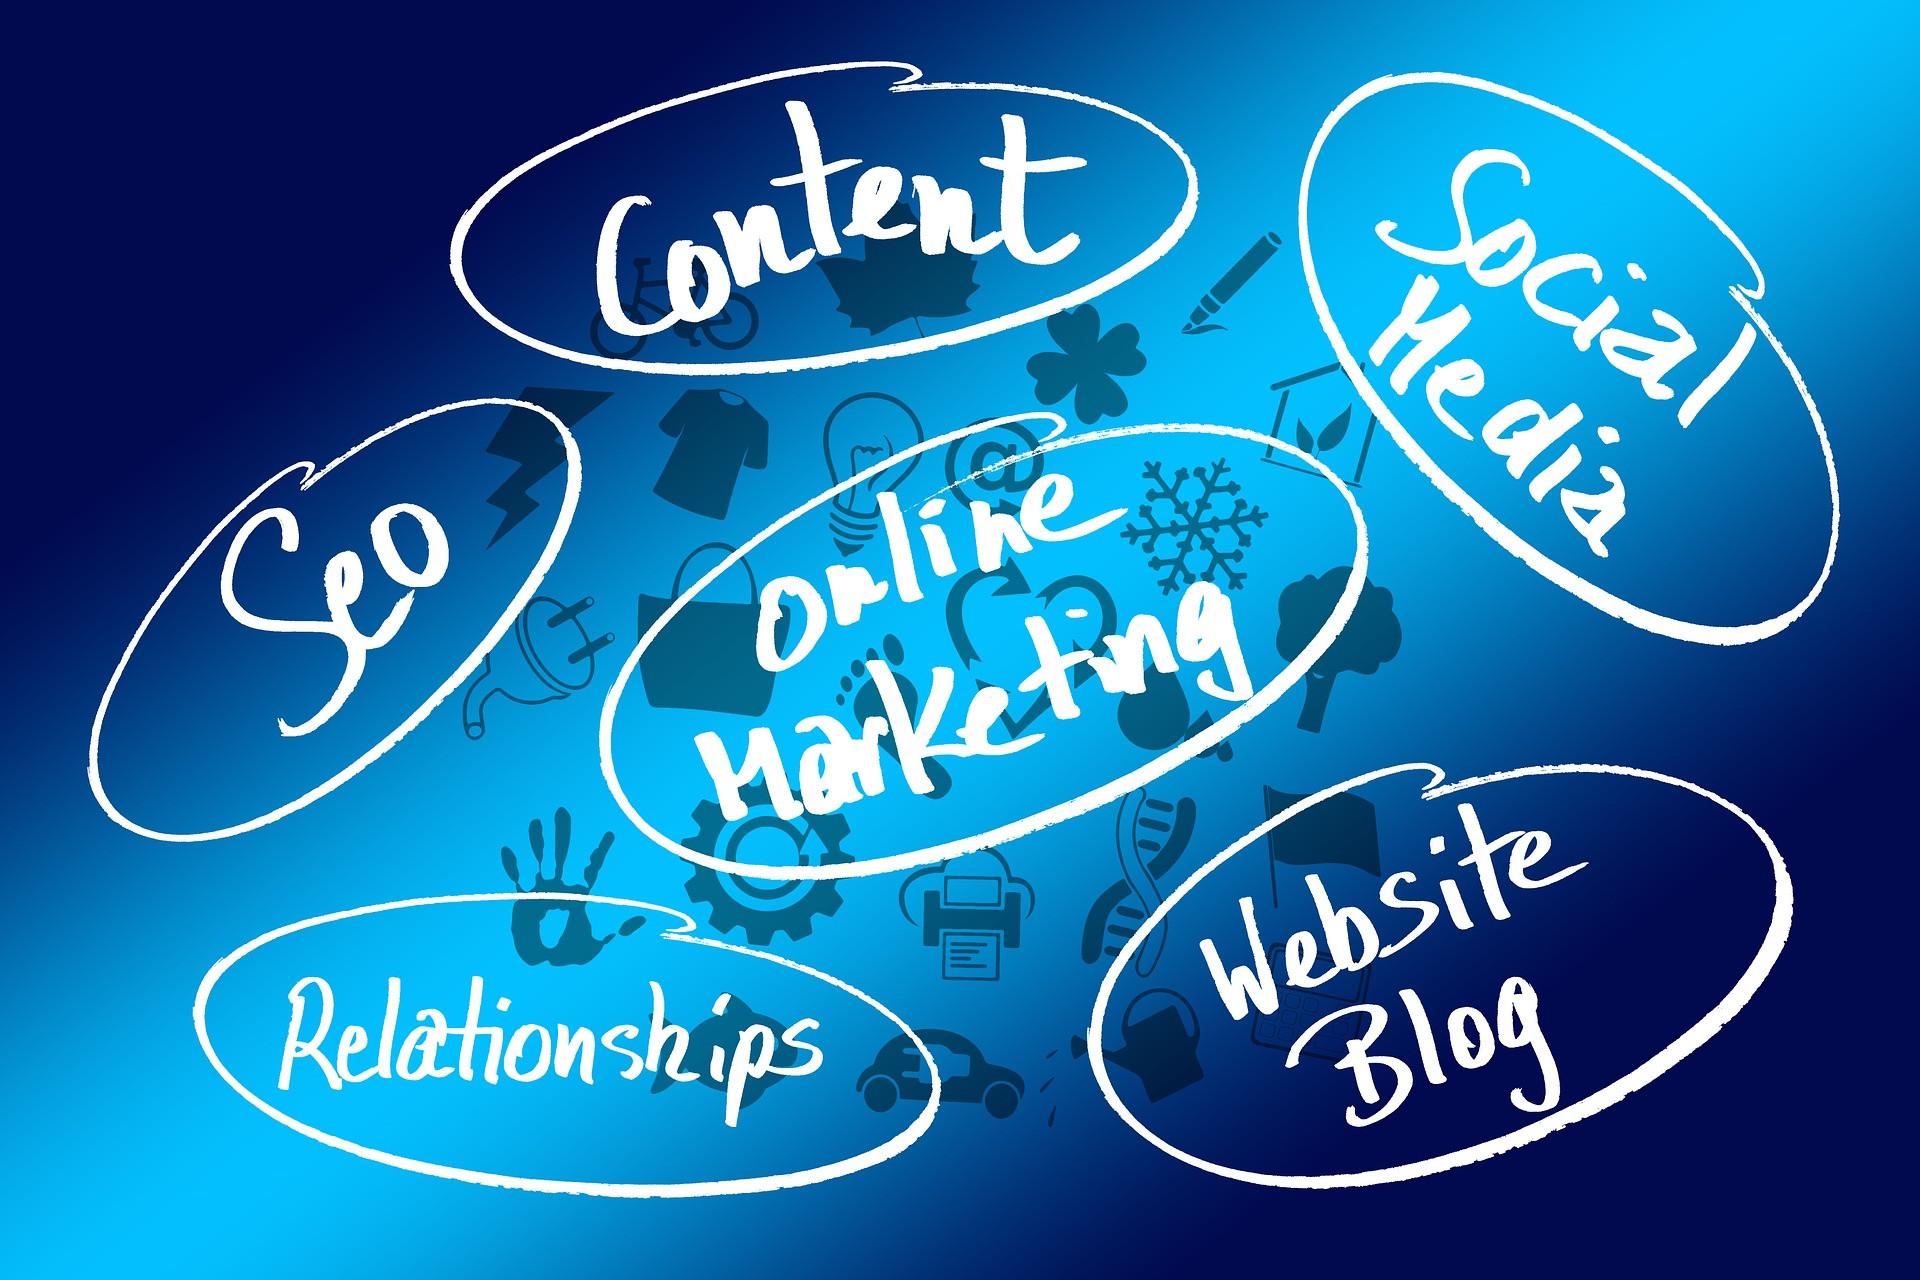 Digital Marketing Mentorship Program